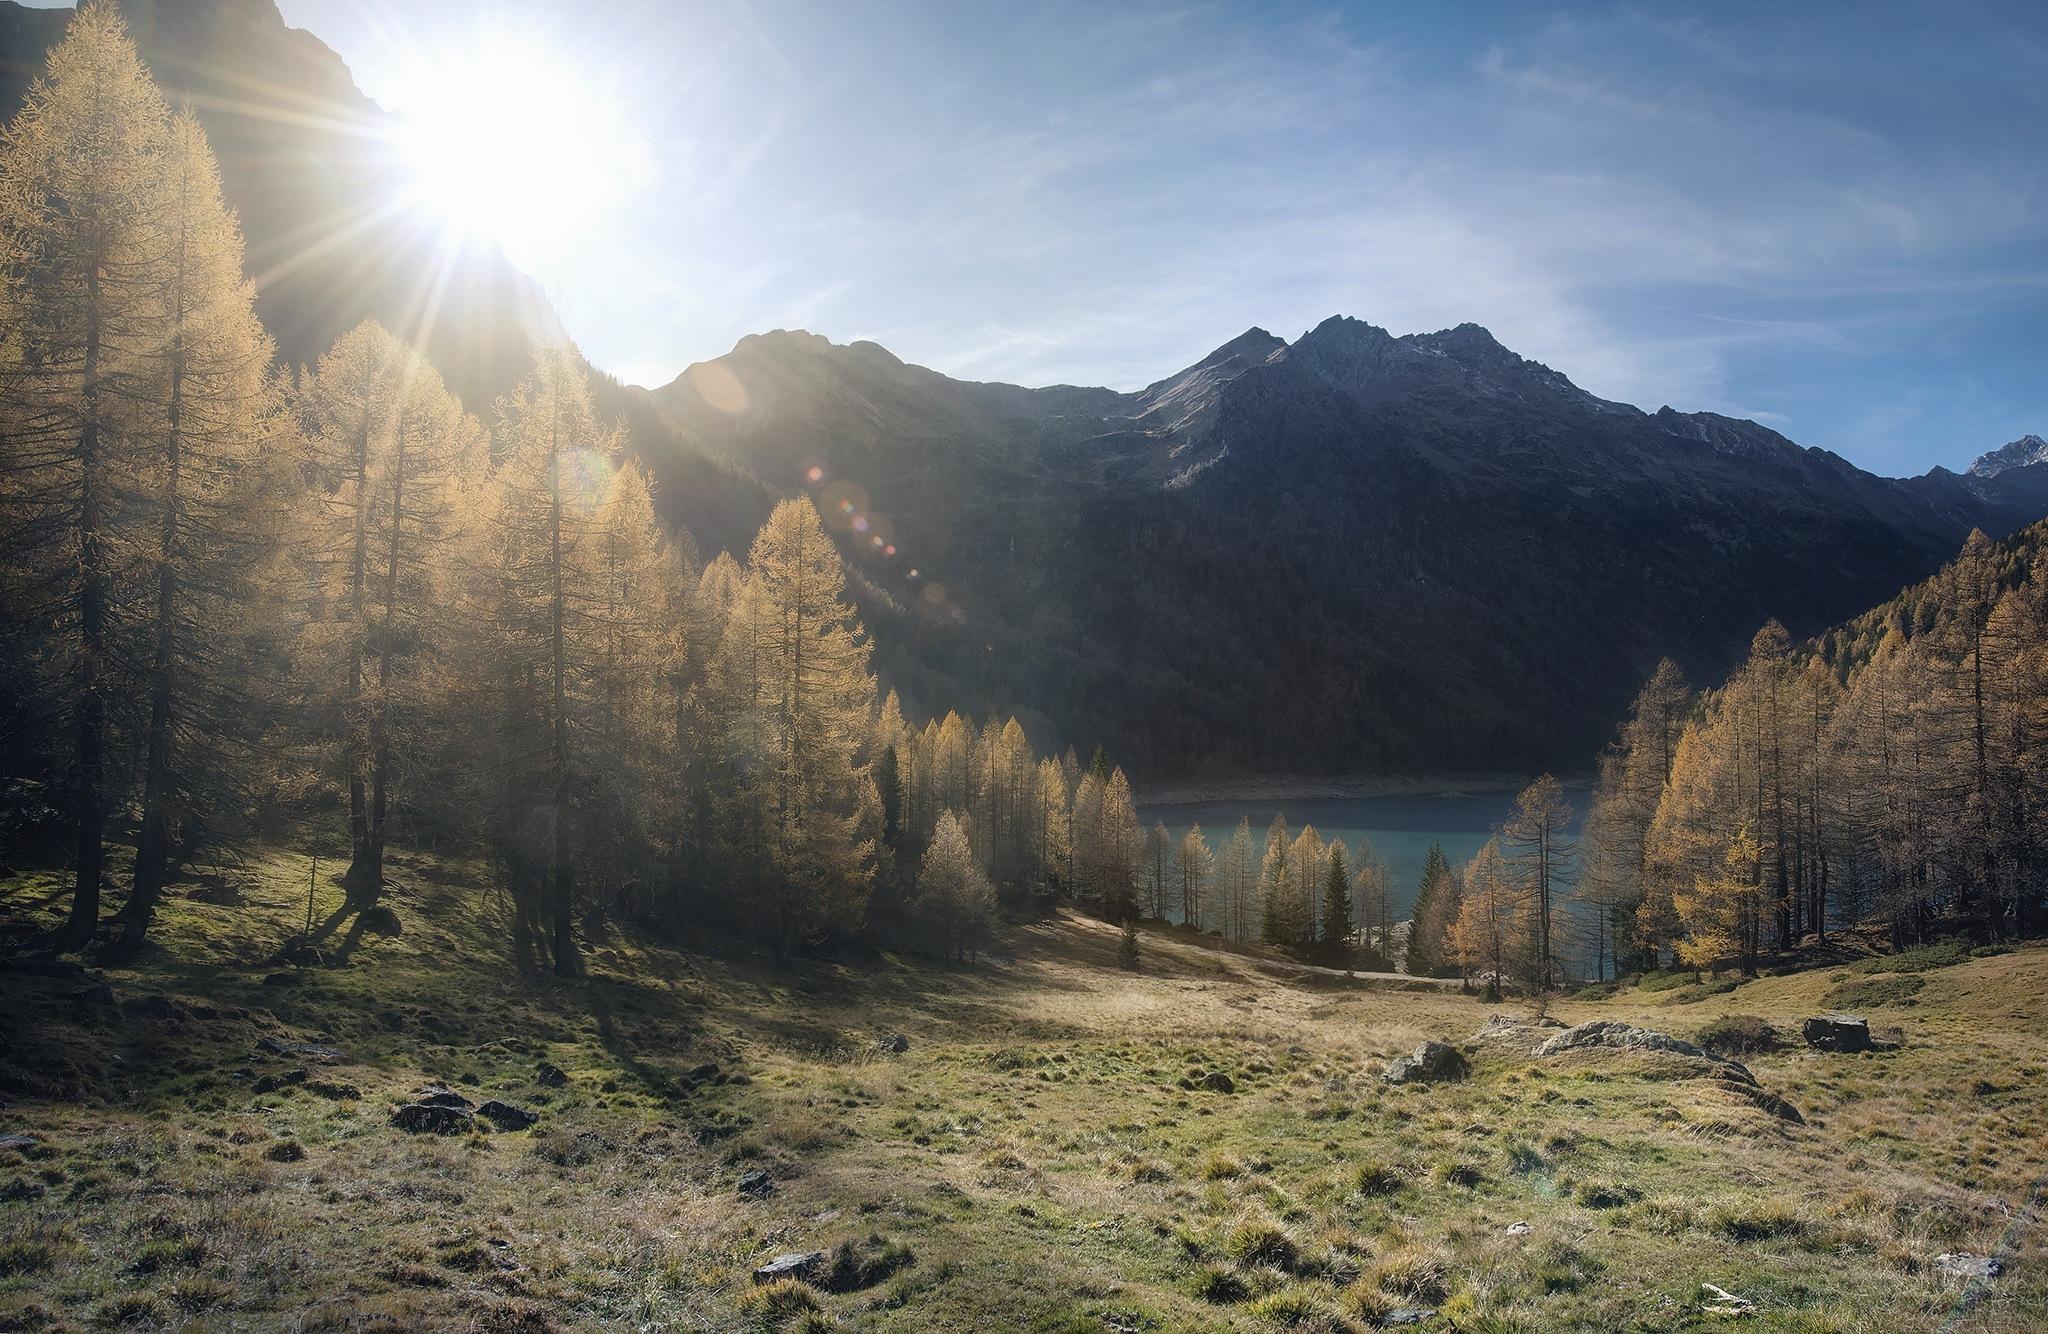 foresta montagna elaborazione tutorial fotoritocco trattamento sviluppo photoshop montagne dark dodge burn